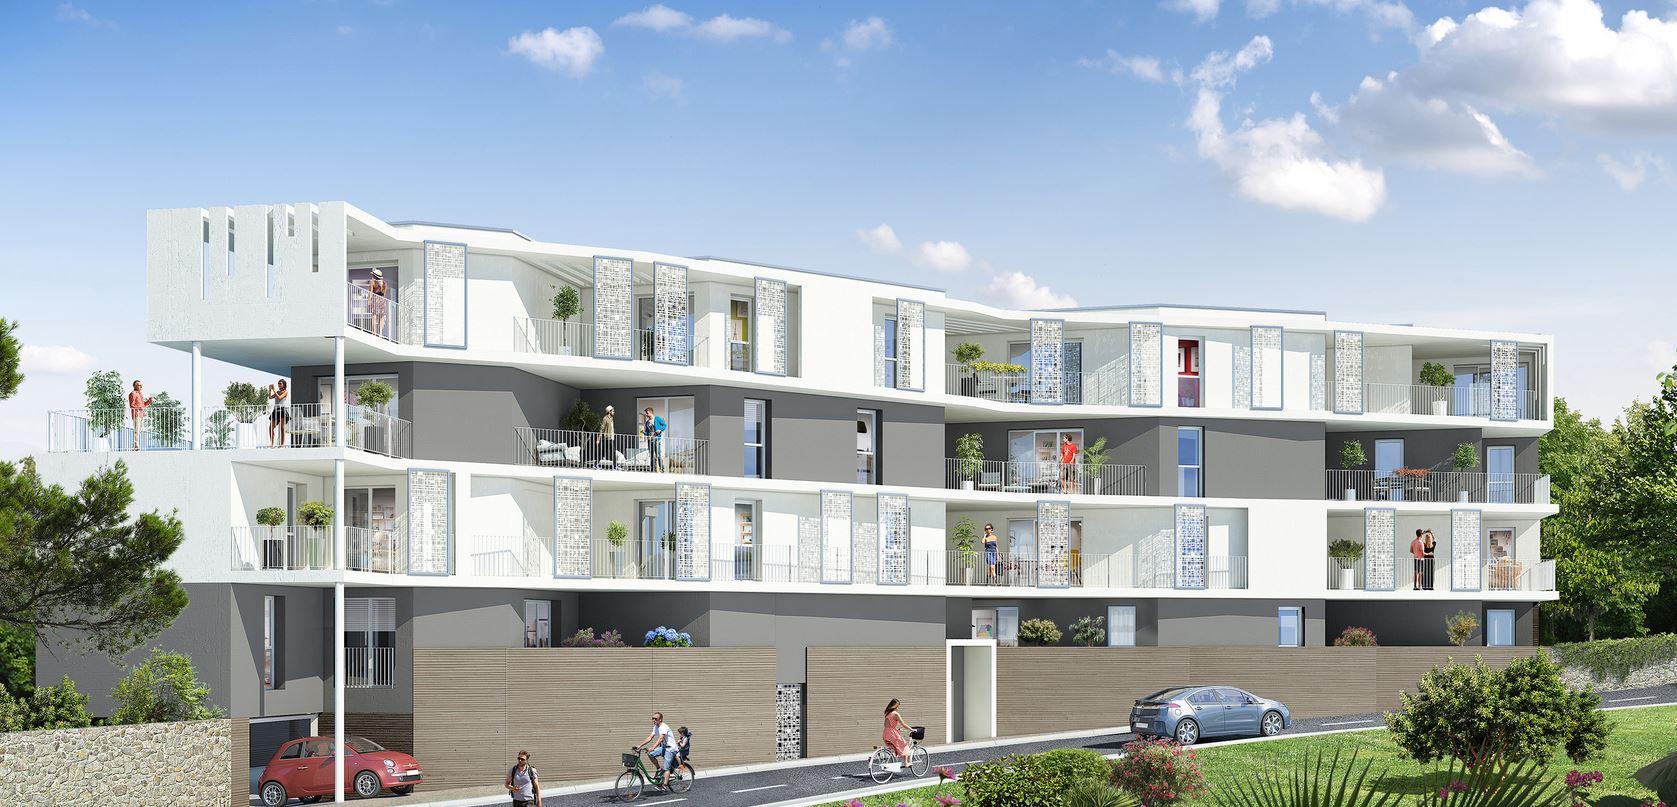 Immobilier neuf Sète : faites aboutir votre projet